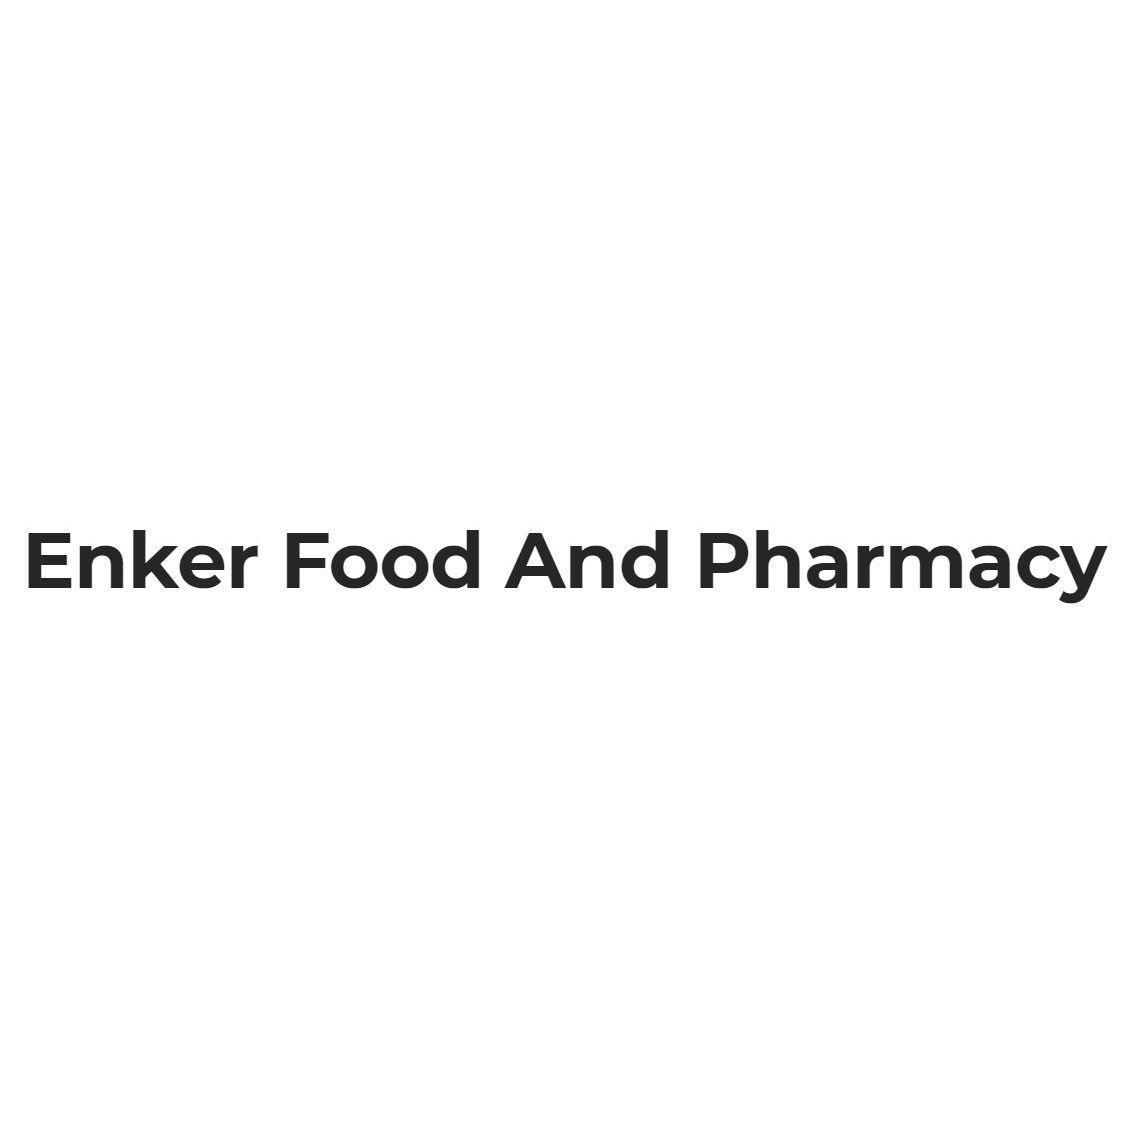 Enker Food and Pharmacy